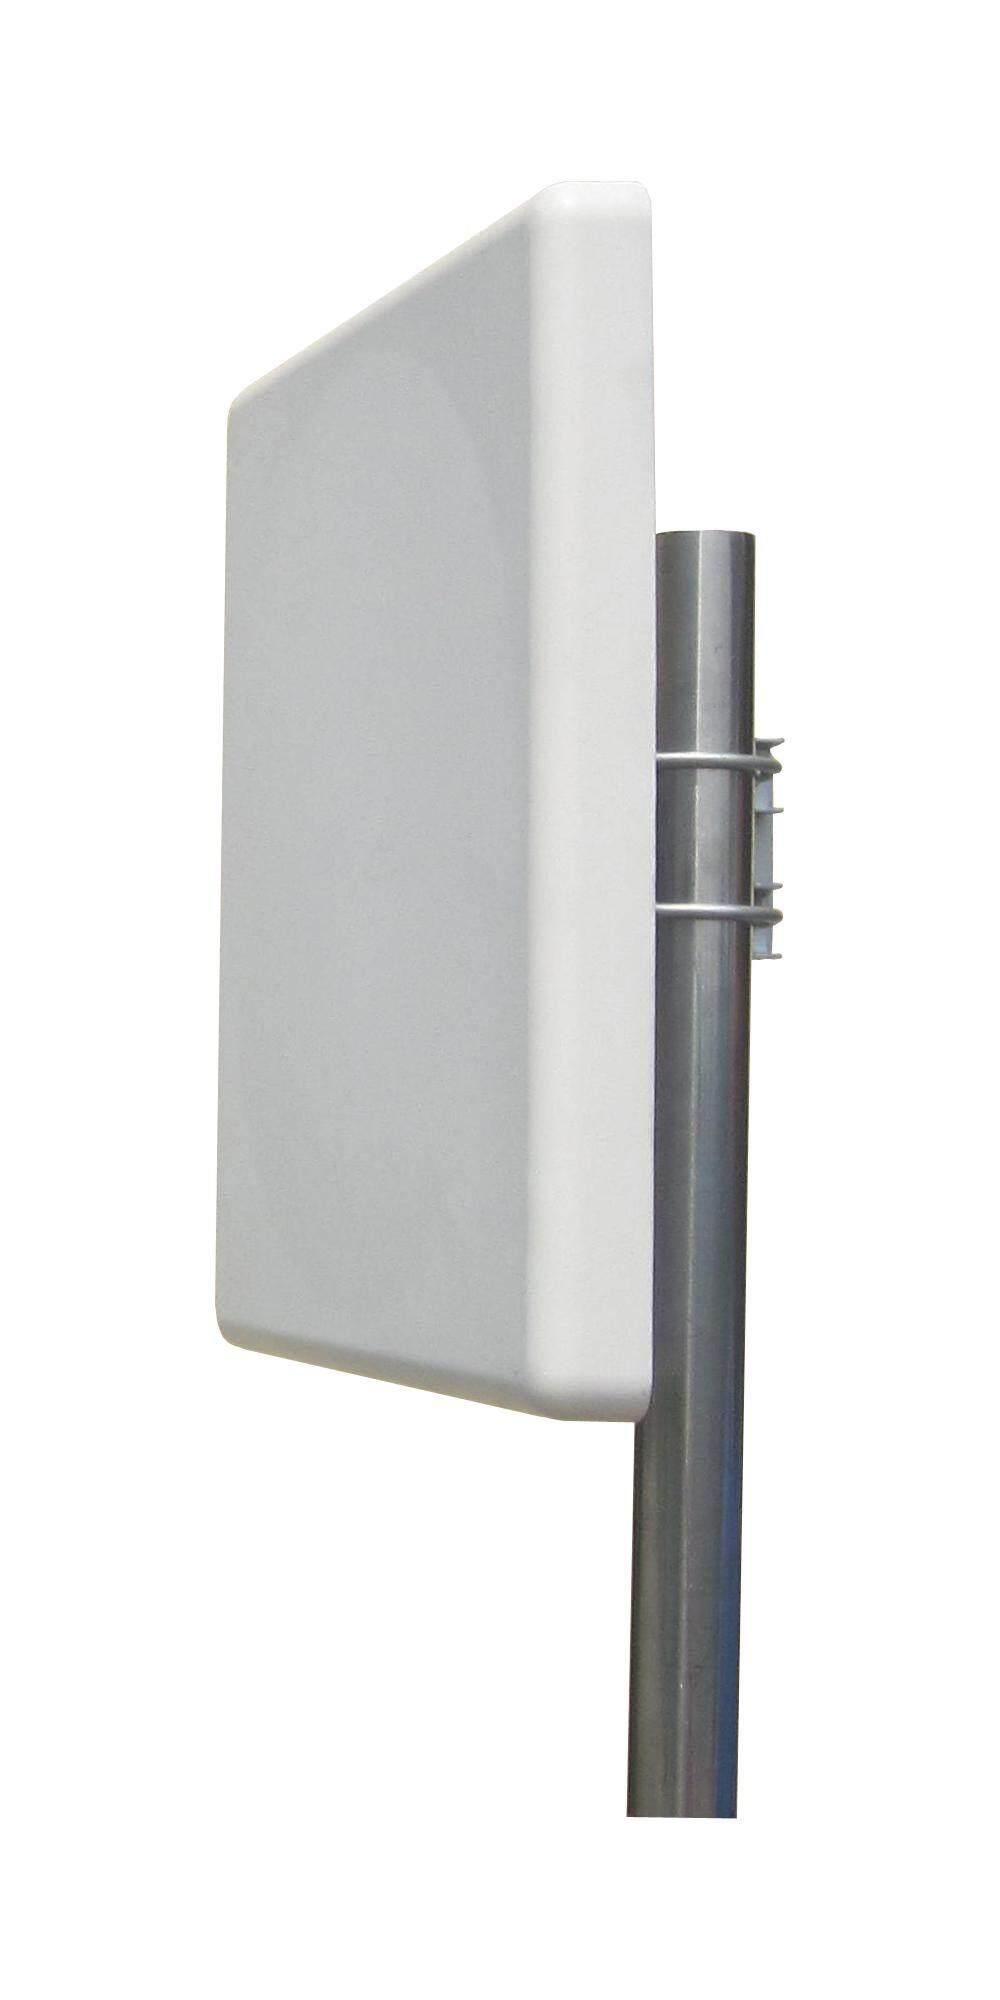 无线视频传输天线ST5159-23D11-HN